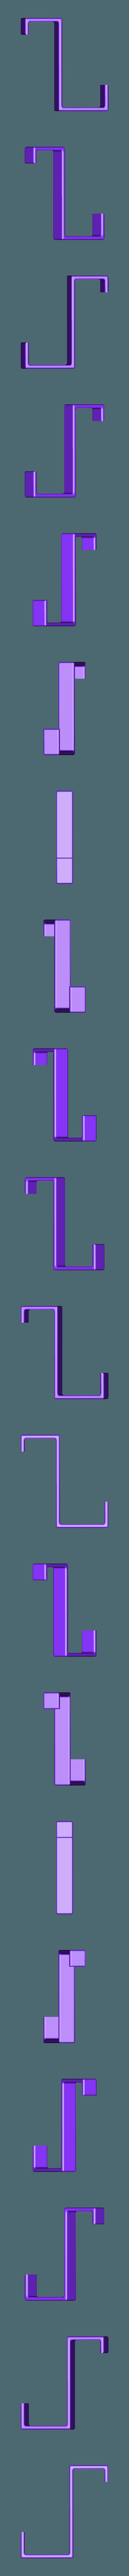 4Door_Hooks.STL Télécharger fichier STL gratuit Crochets de porte (10 tailles différentes) • Design pour impression 3D, Saeid